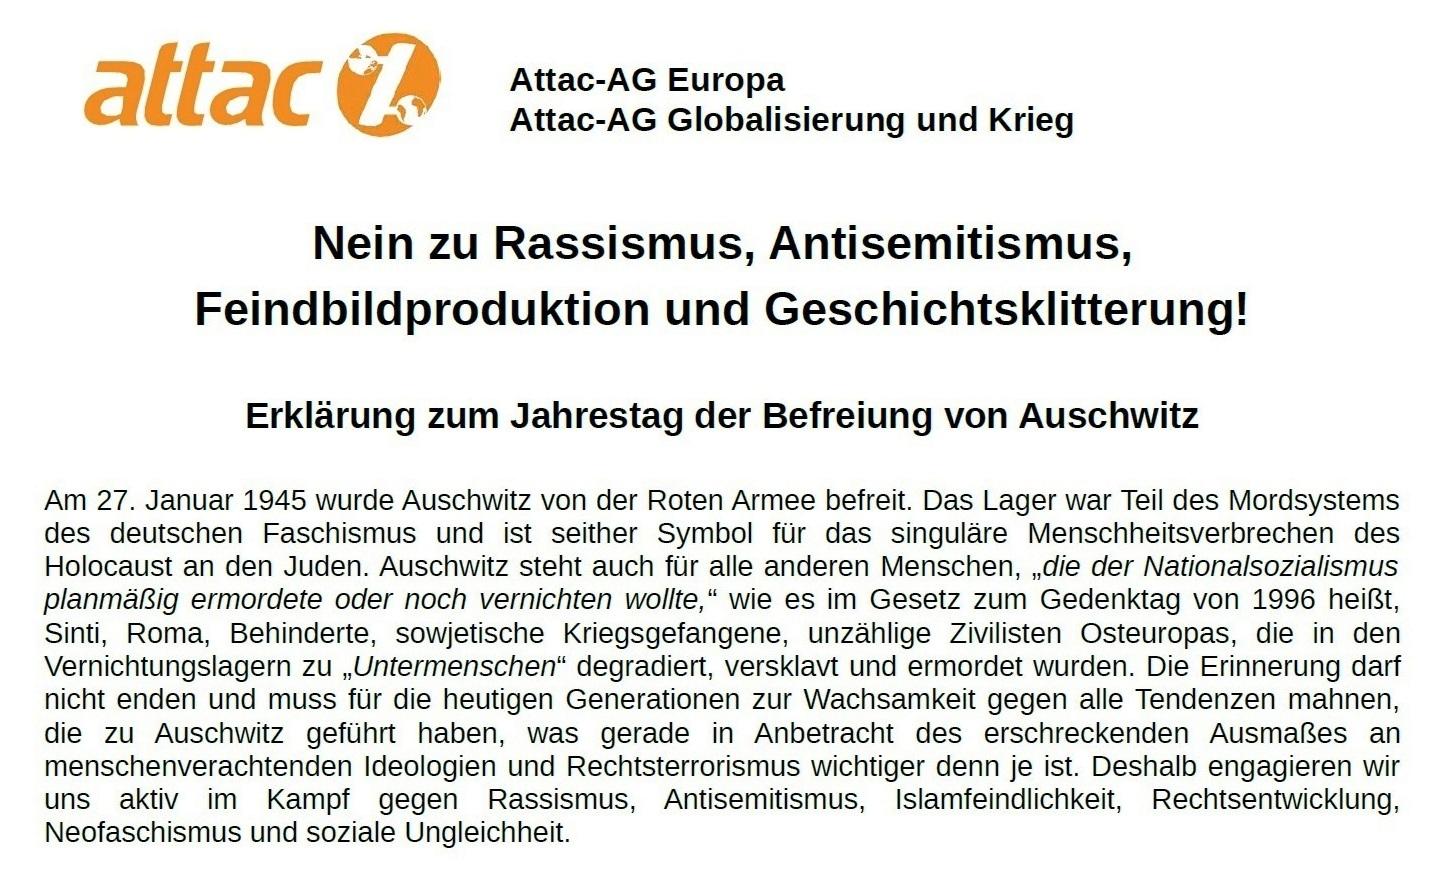 Aus dem Posteingang von Dr. Marianne Linke - ATTAC-Erklärung zum 76. Jahrestag der Befreiung von Auschwitz - PDF - Seite 1 Abschnitt 1